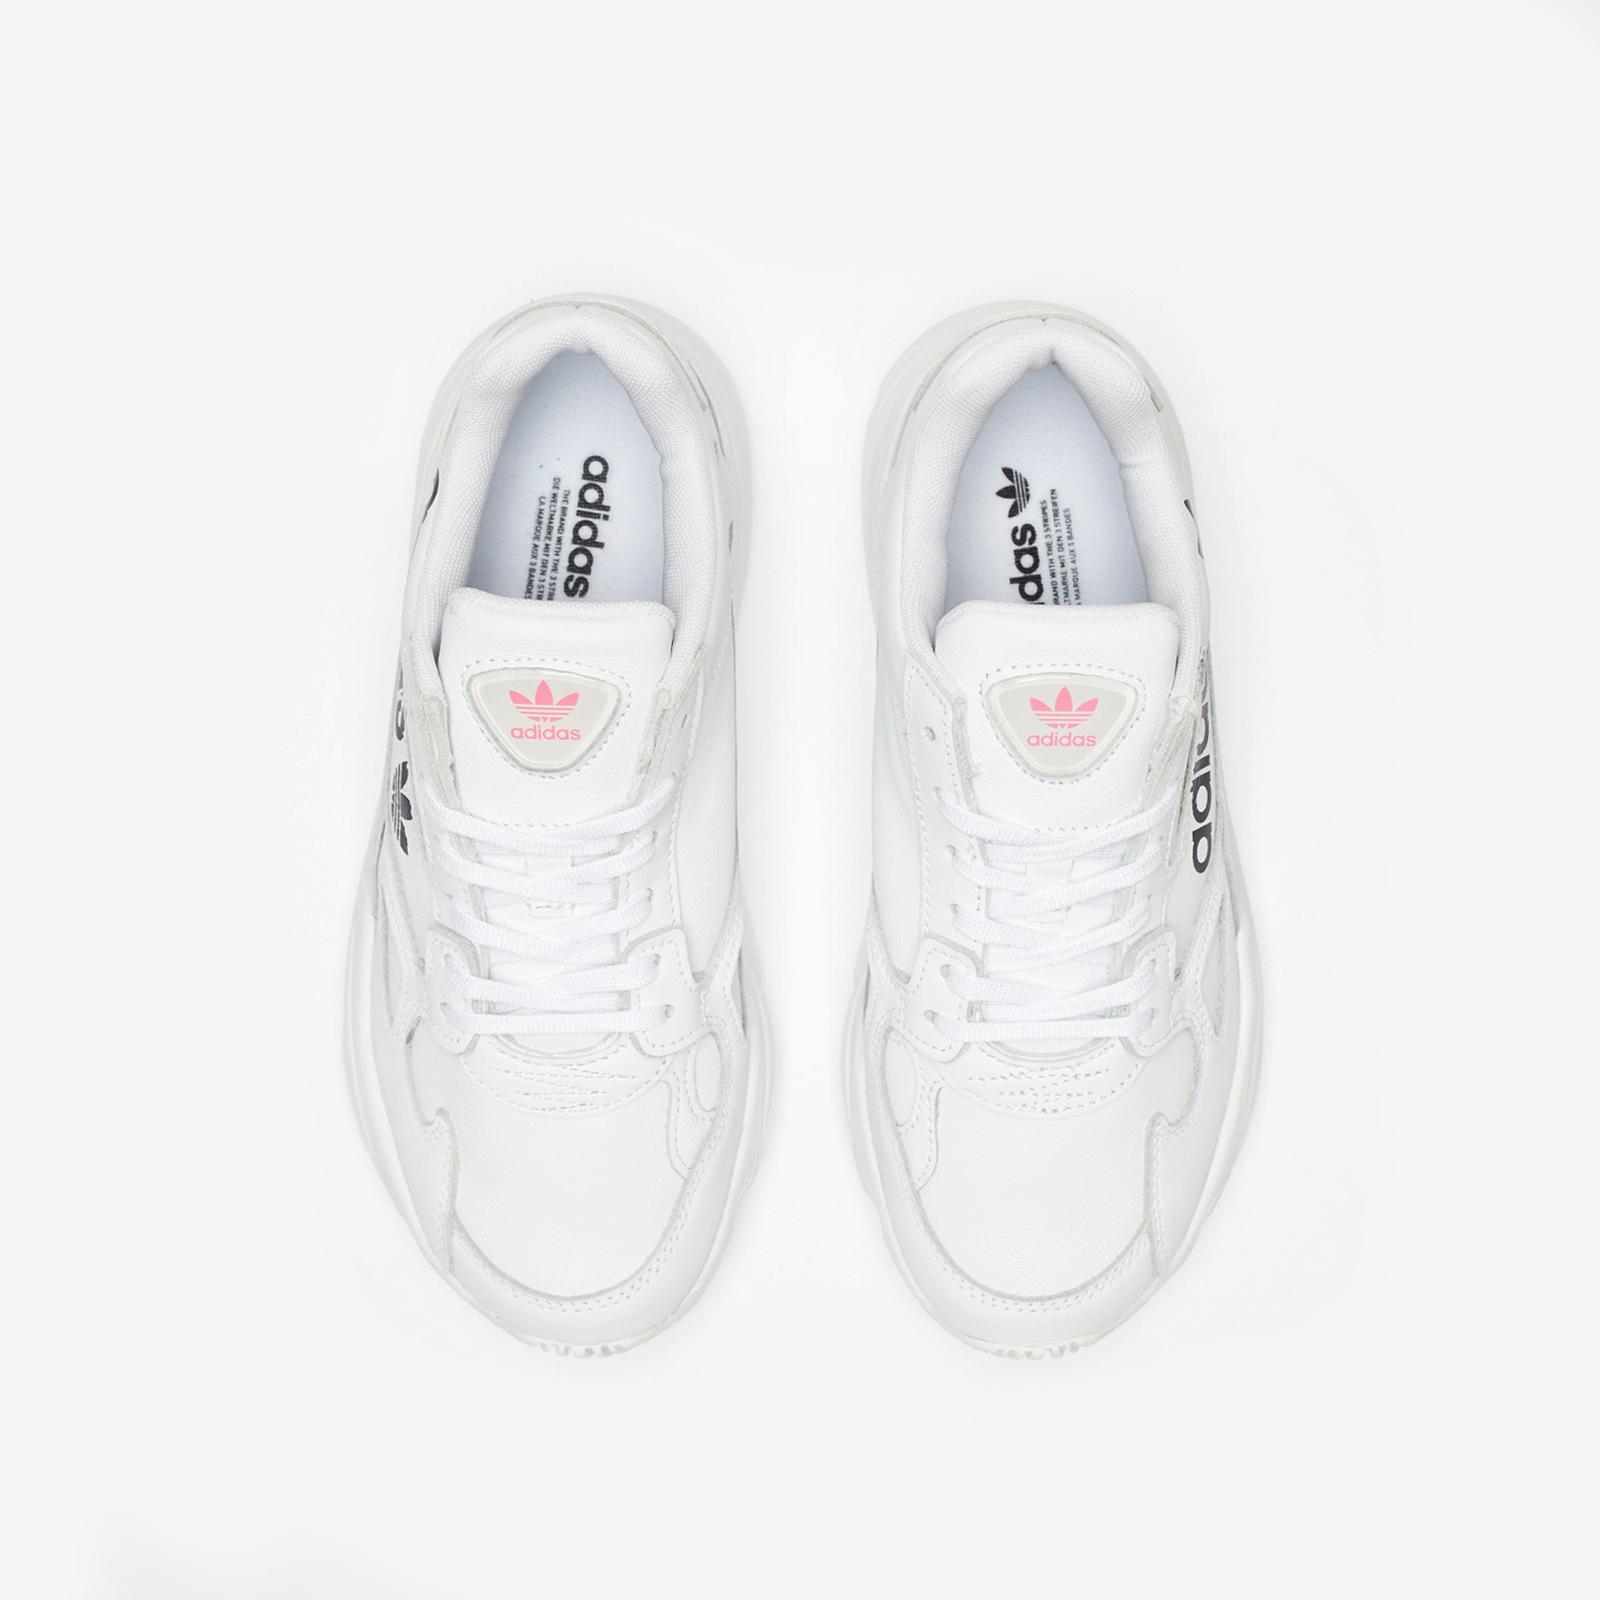 86603ad095f adidas Falcon W - Eg7652 - Sneakersnstuff | sneakers & streetwear ...